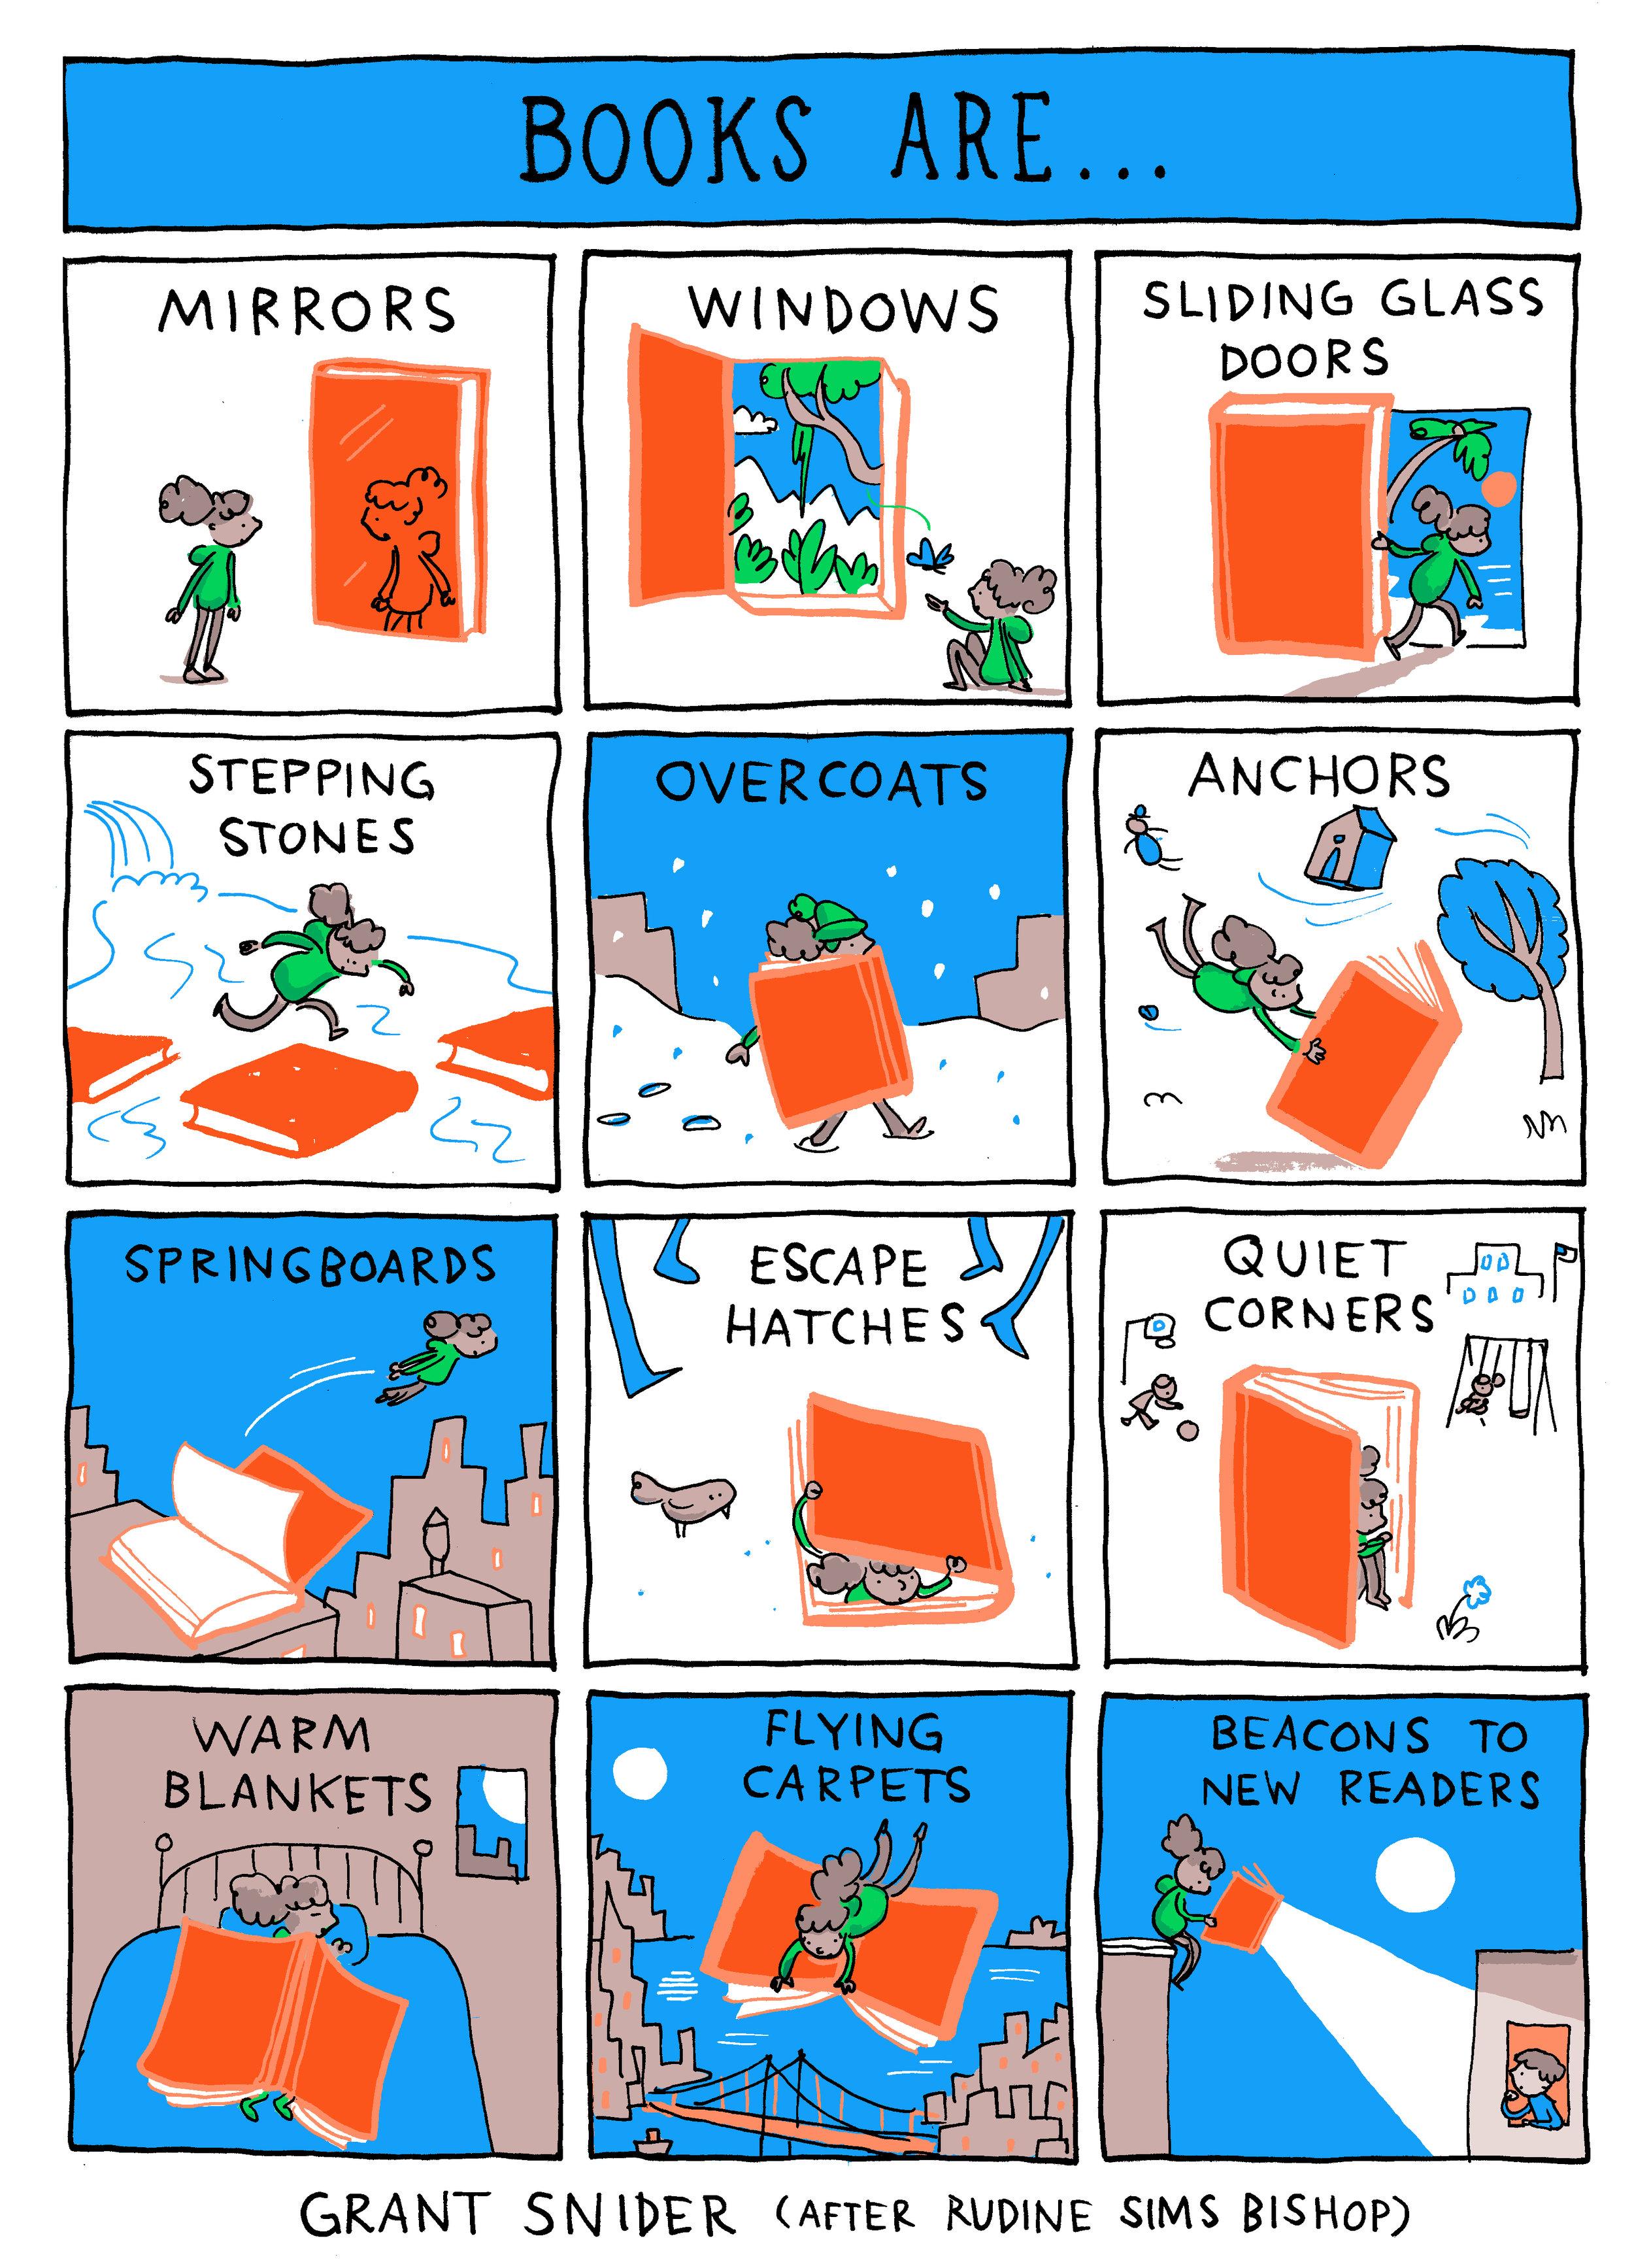 BooksAre-Final.jpg